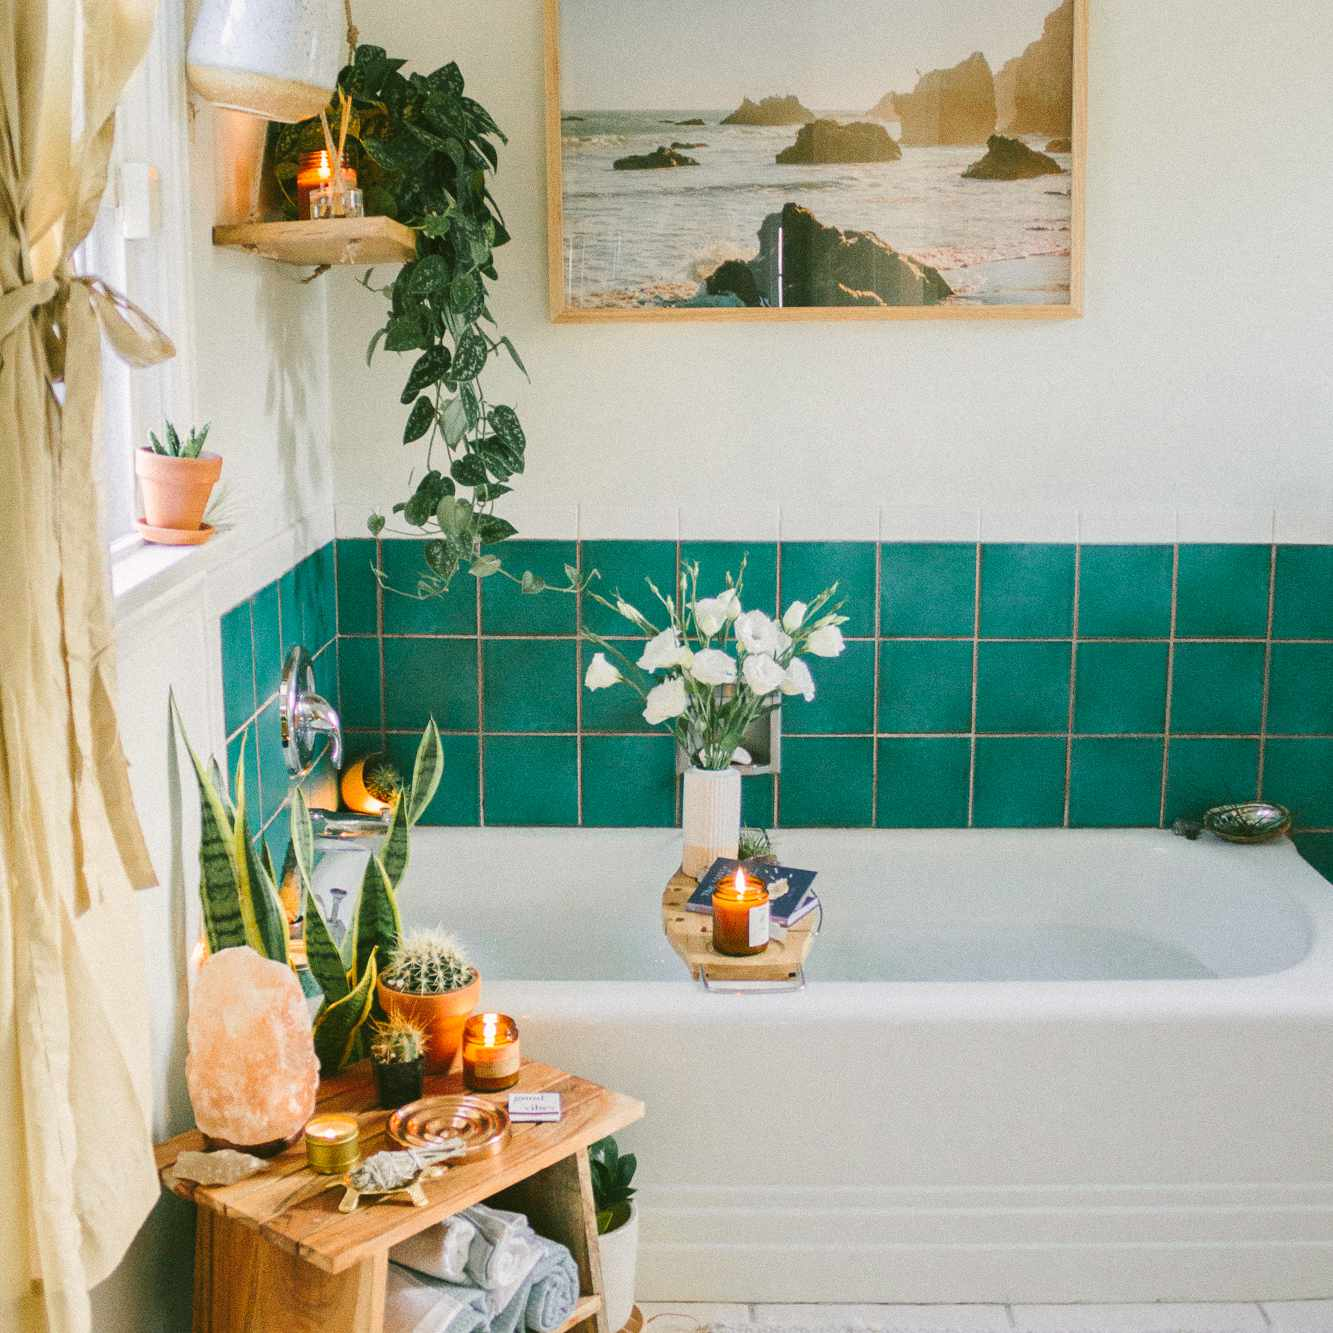 Turquoise-tiled bathroom